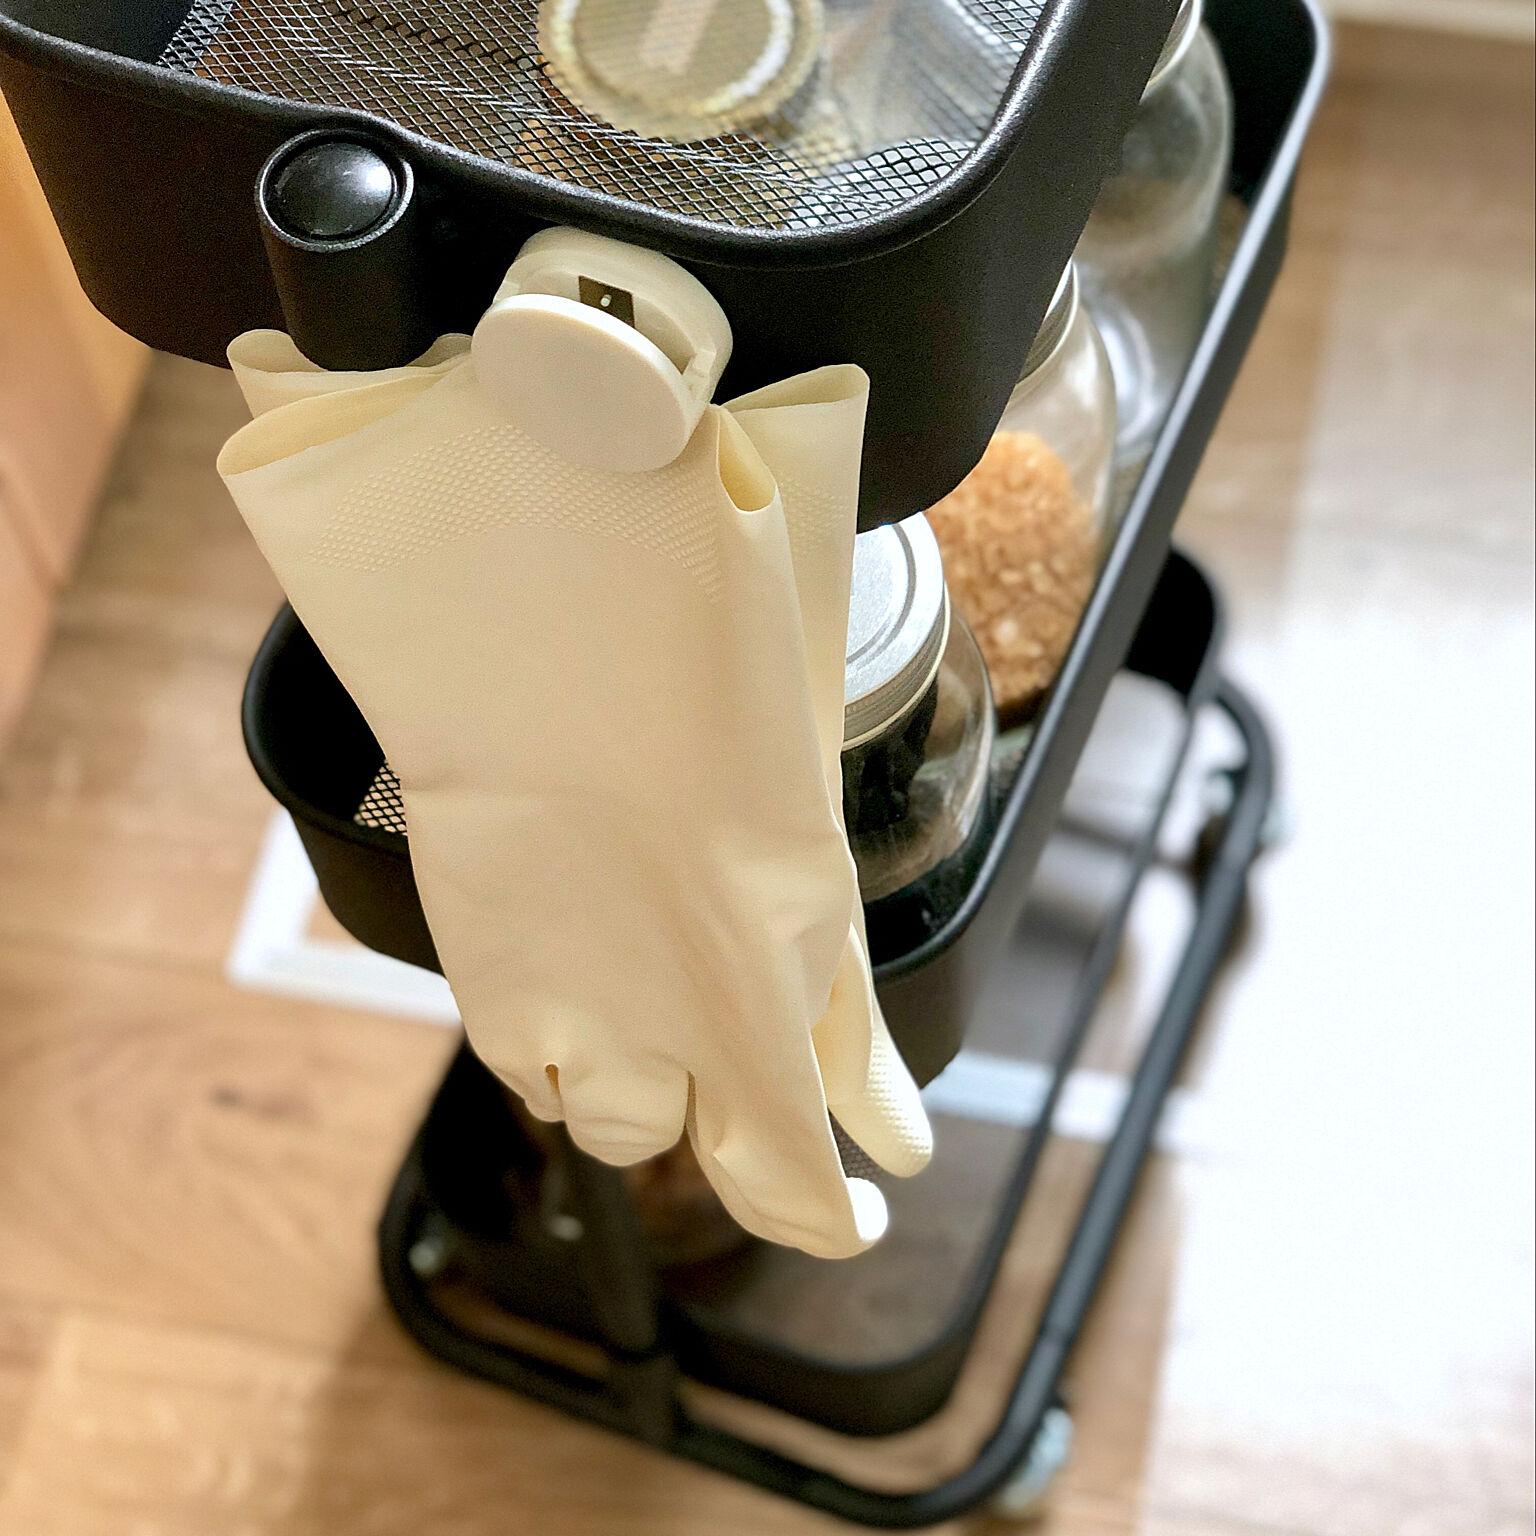 家事の心強い味方!気になるみんなのゴム手袋収納方法10選